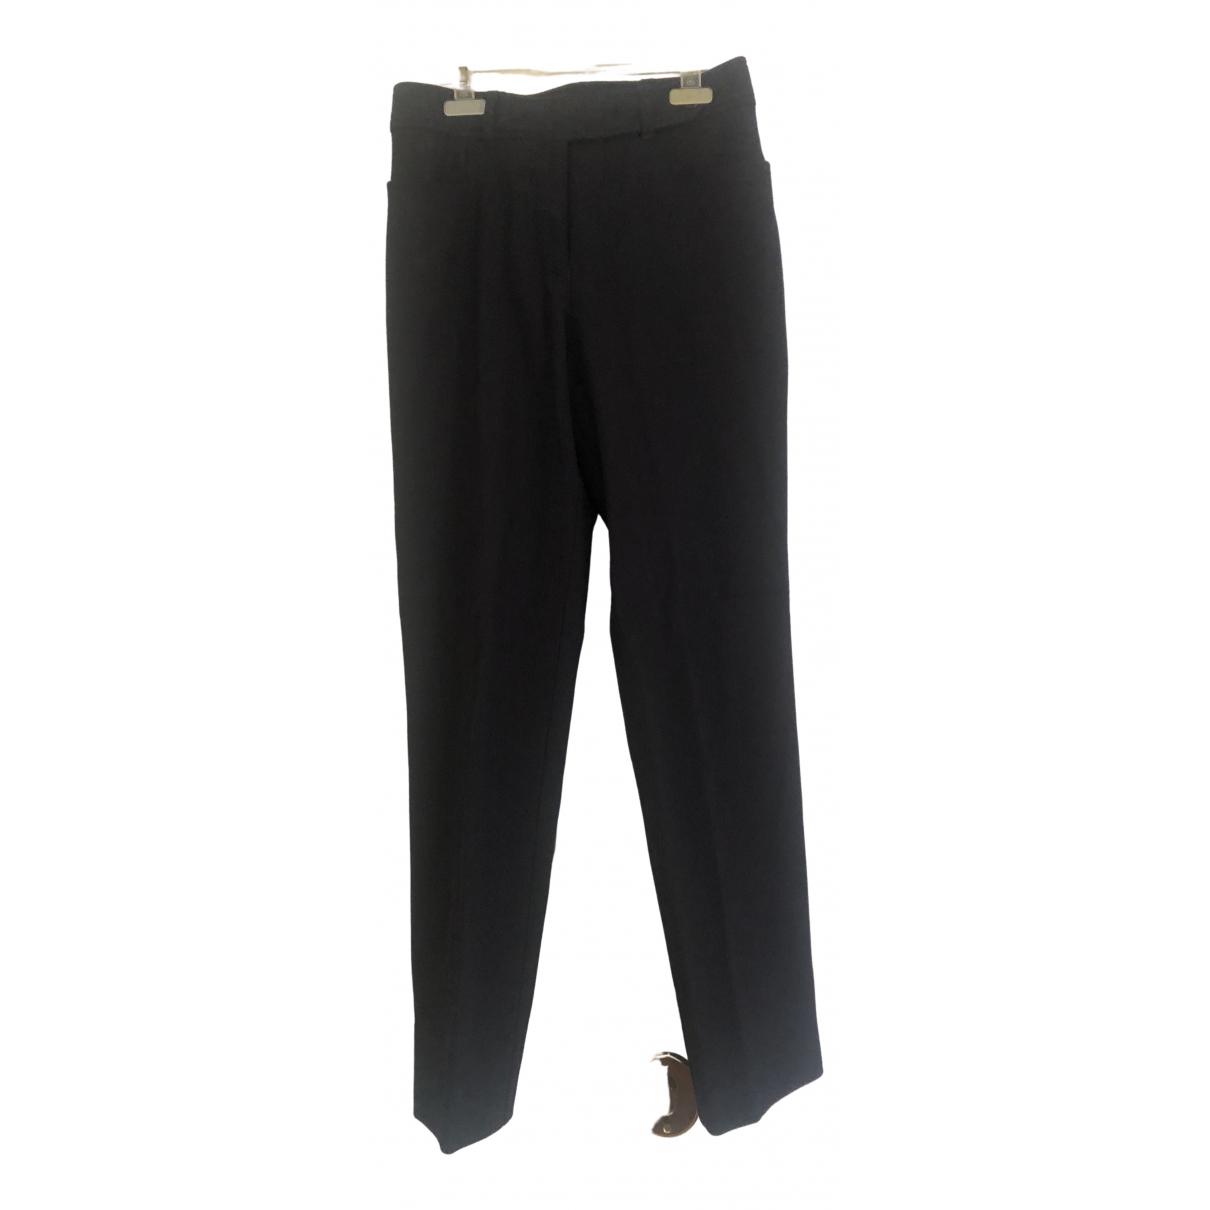 Pantalon recto de Lana Armani Jeans